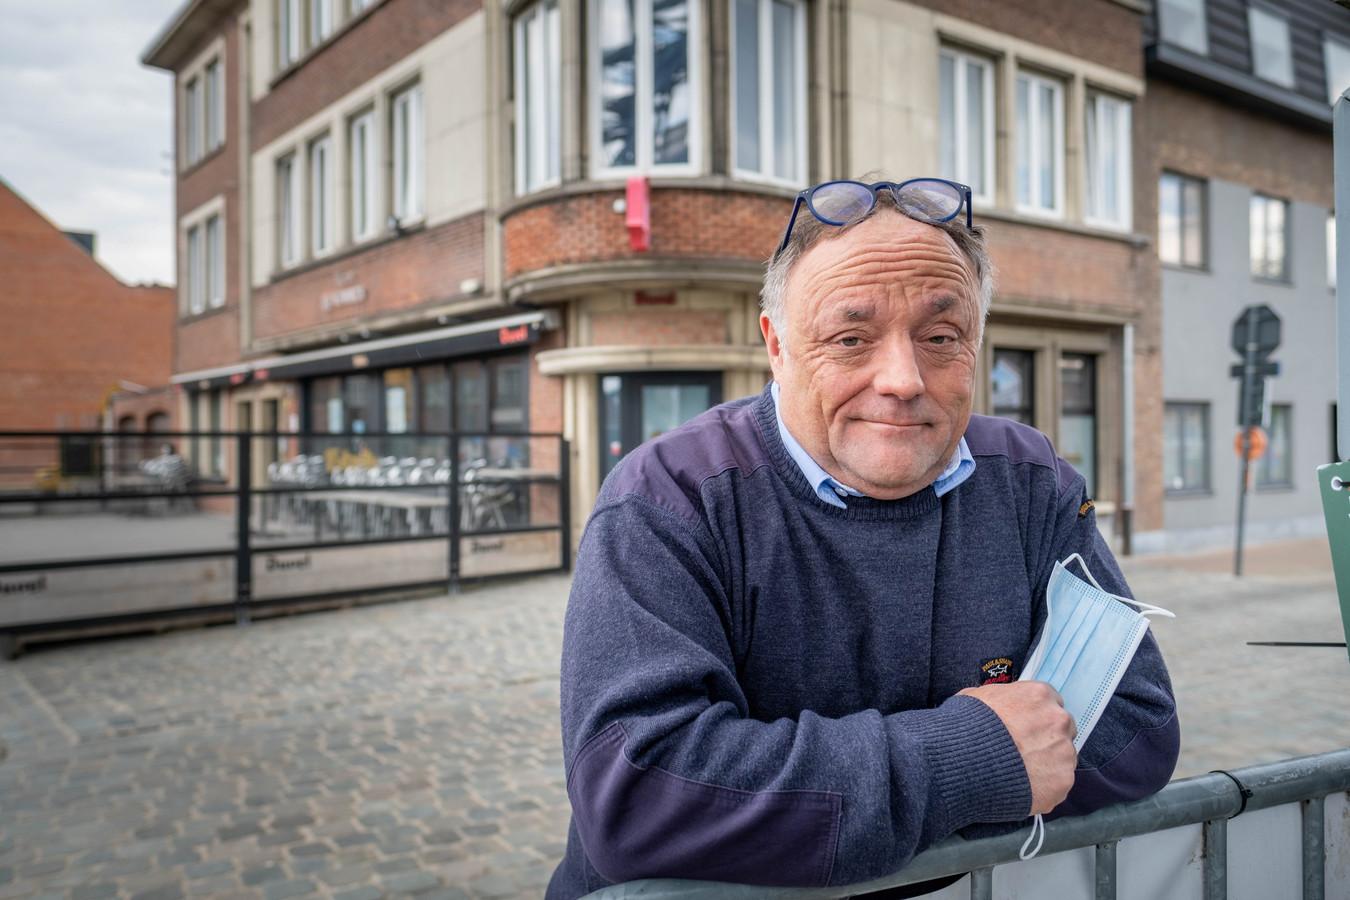 WILLEBROEK Viroloog Marc Van Ranst wordt geen ereburger van Willebroek.